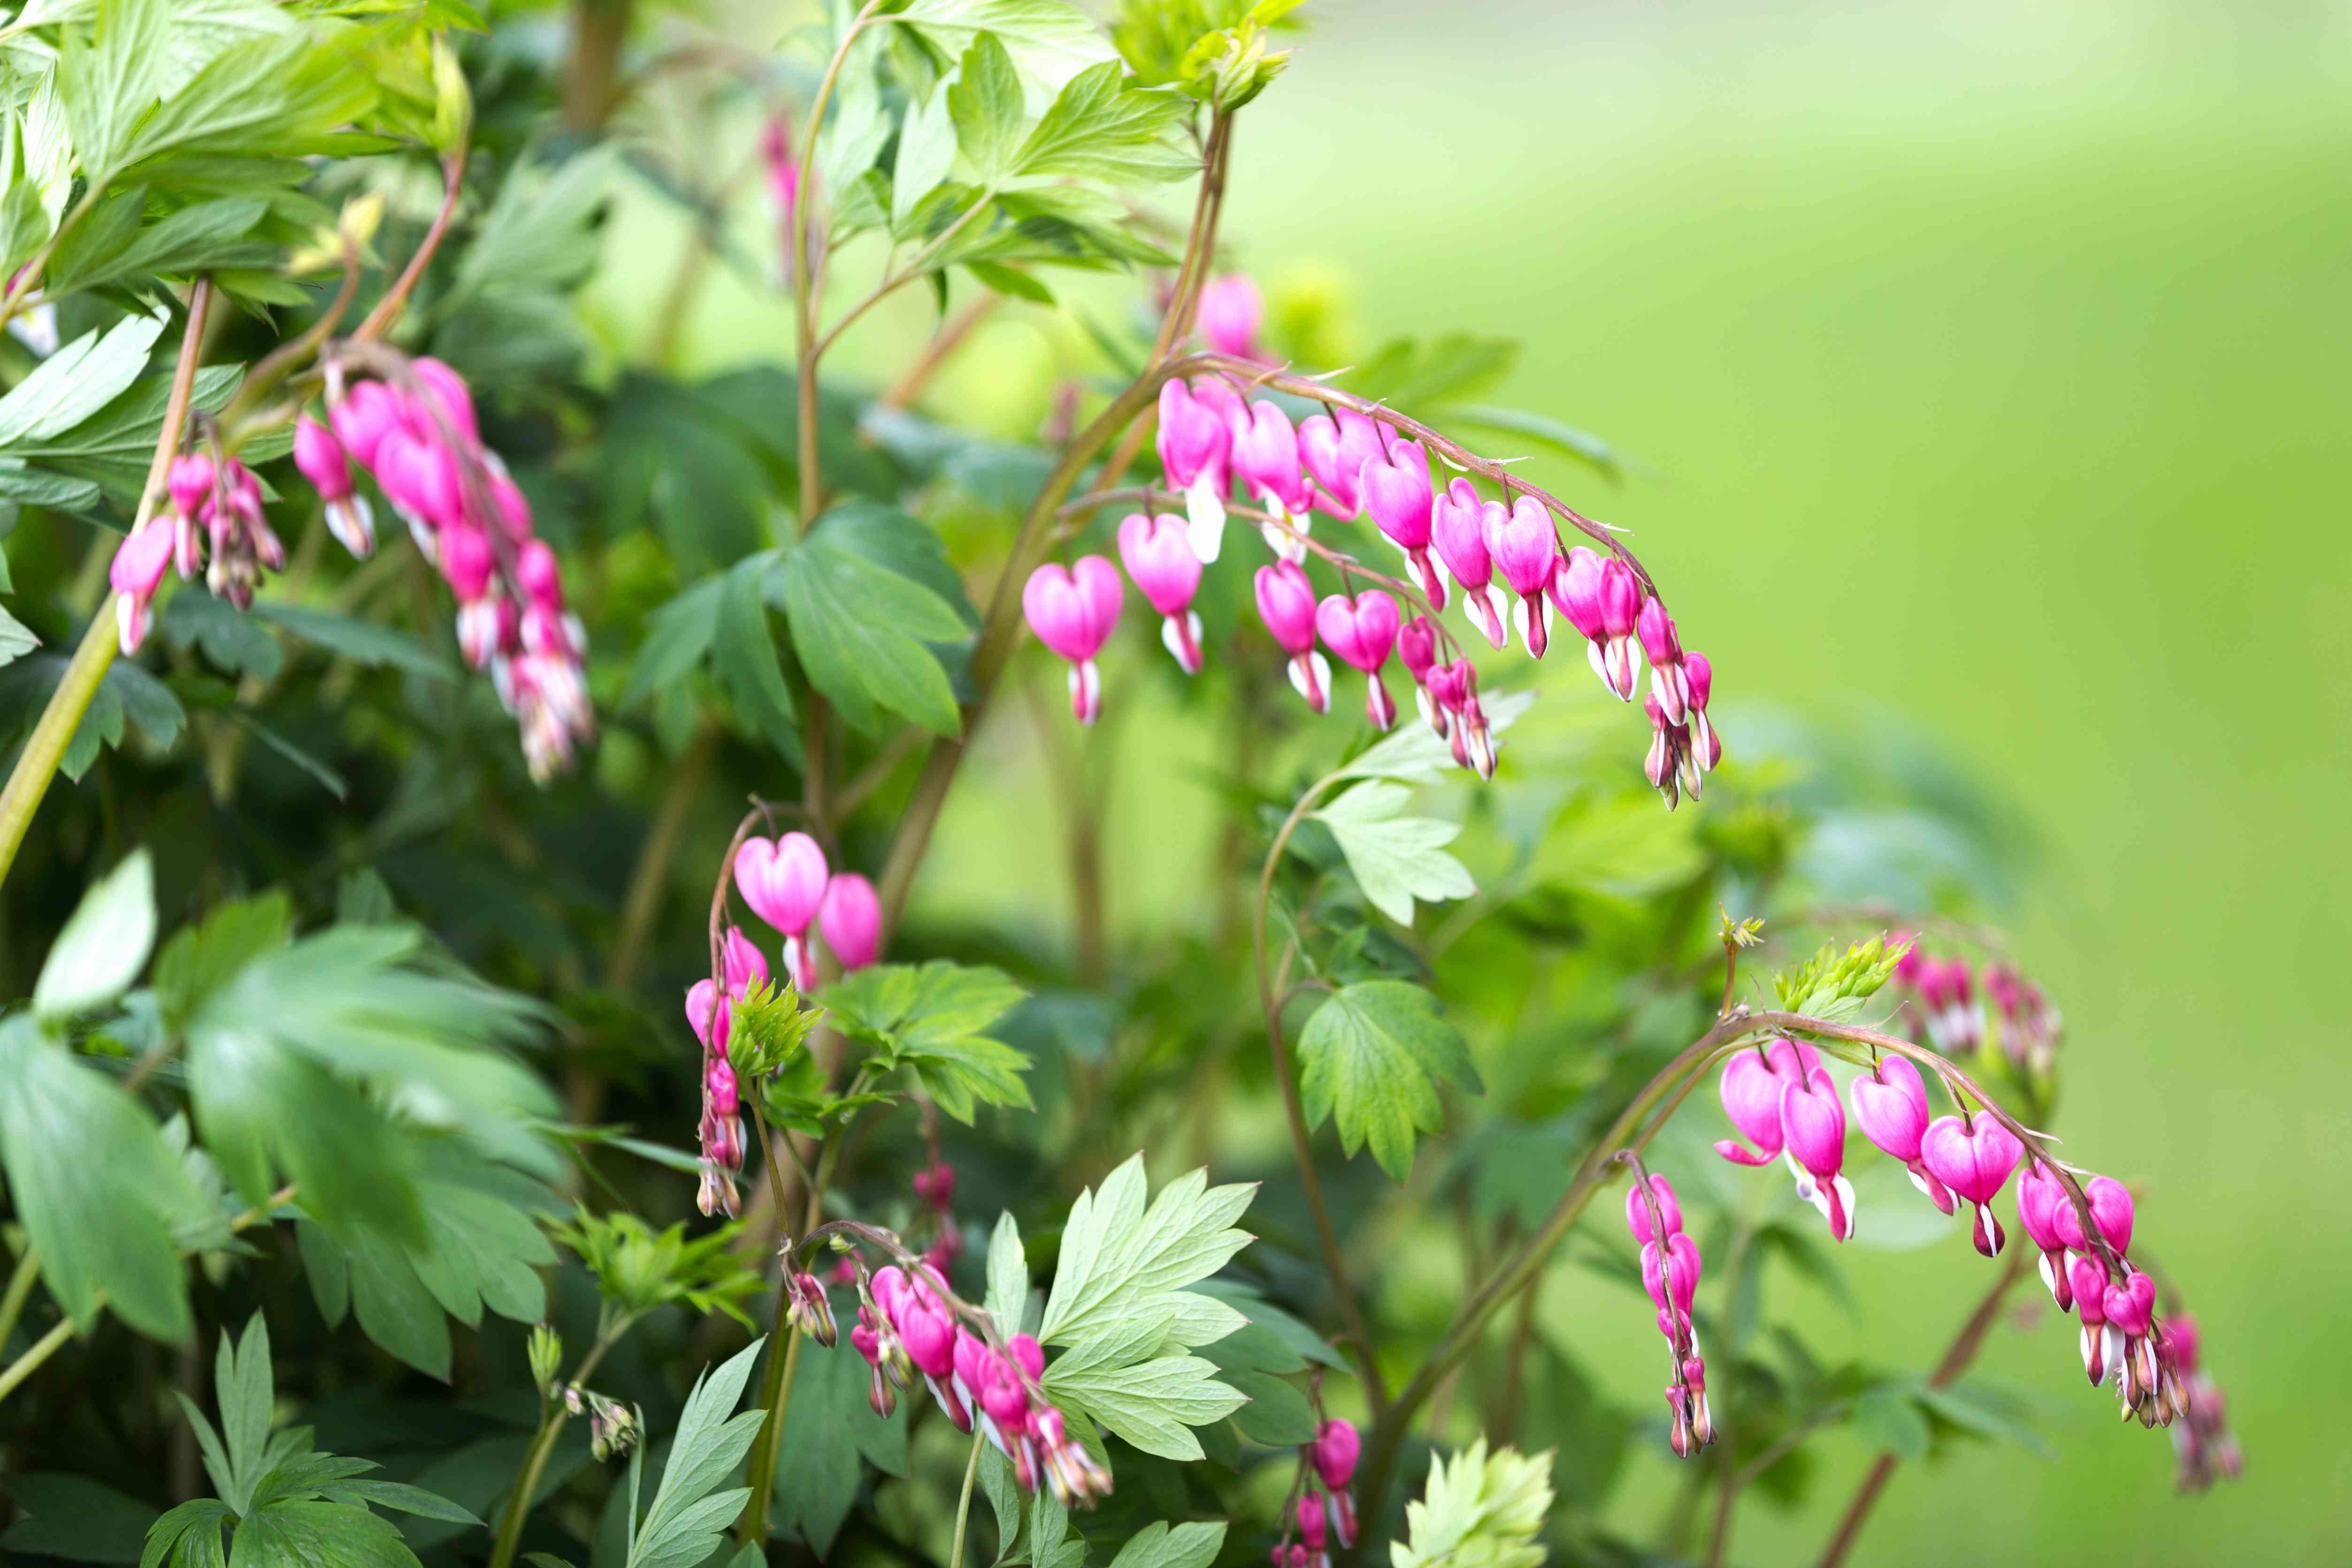 Bleeding Heart Flowers in Springtime